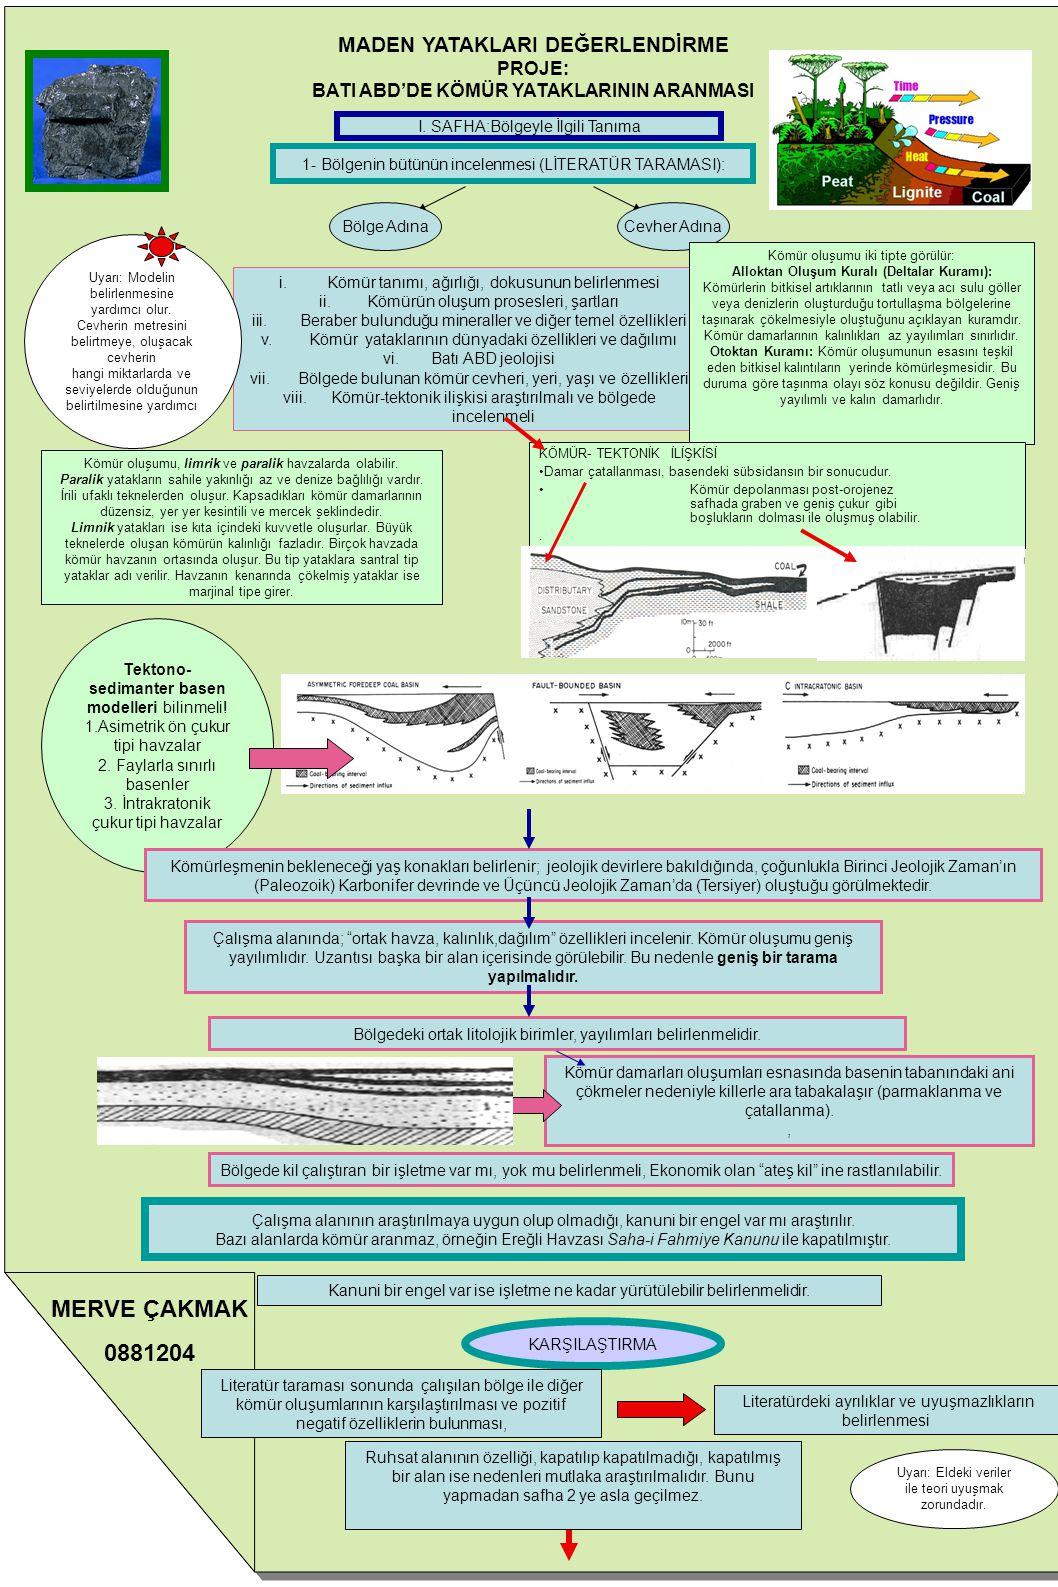 MADEN YATAKLARI DEĞERLENDİRME PROJE: BATI ABD'DE KÖMÜR YATAKLARININ ARANMASI I.